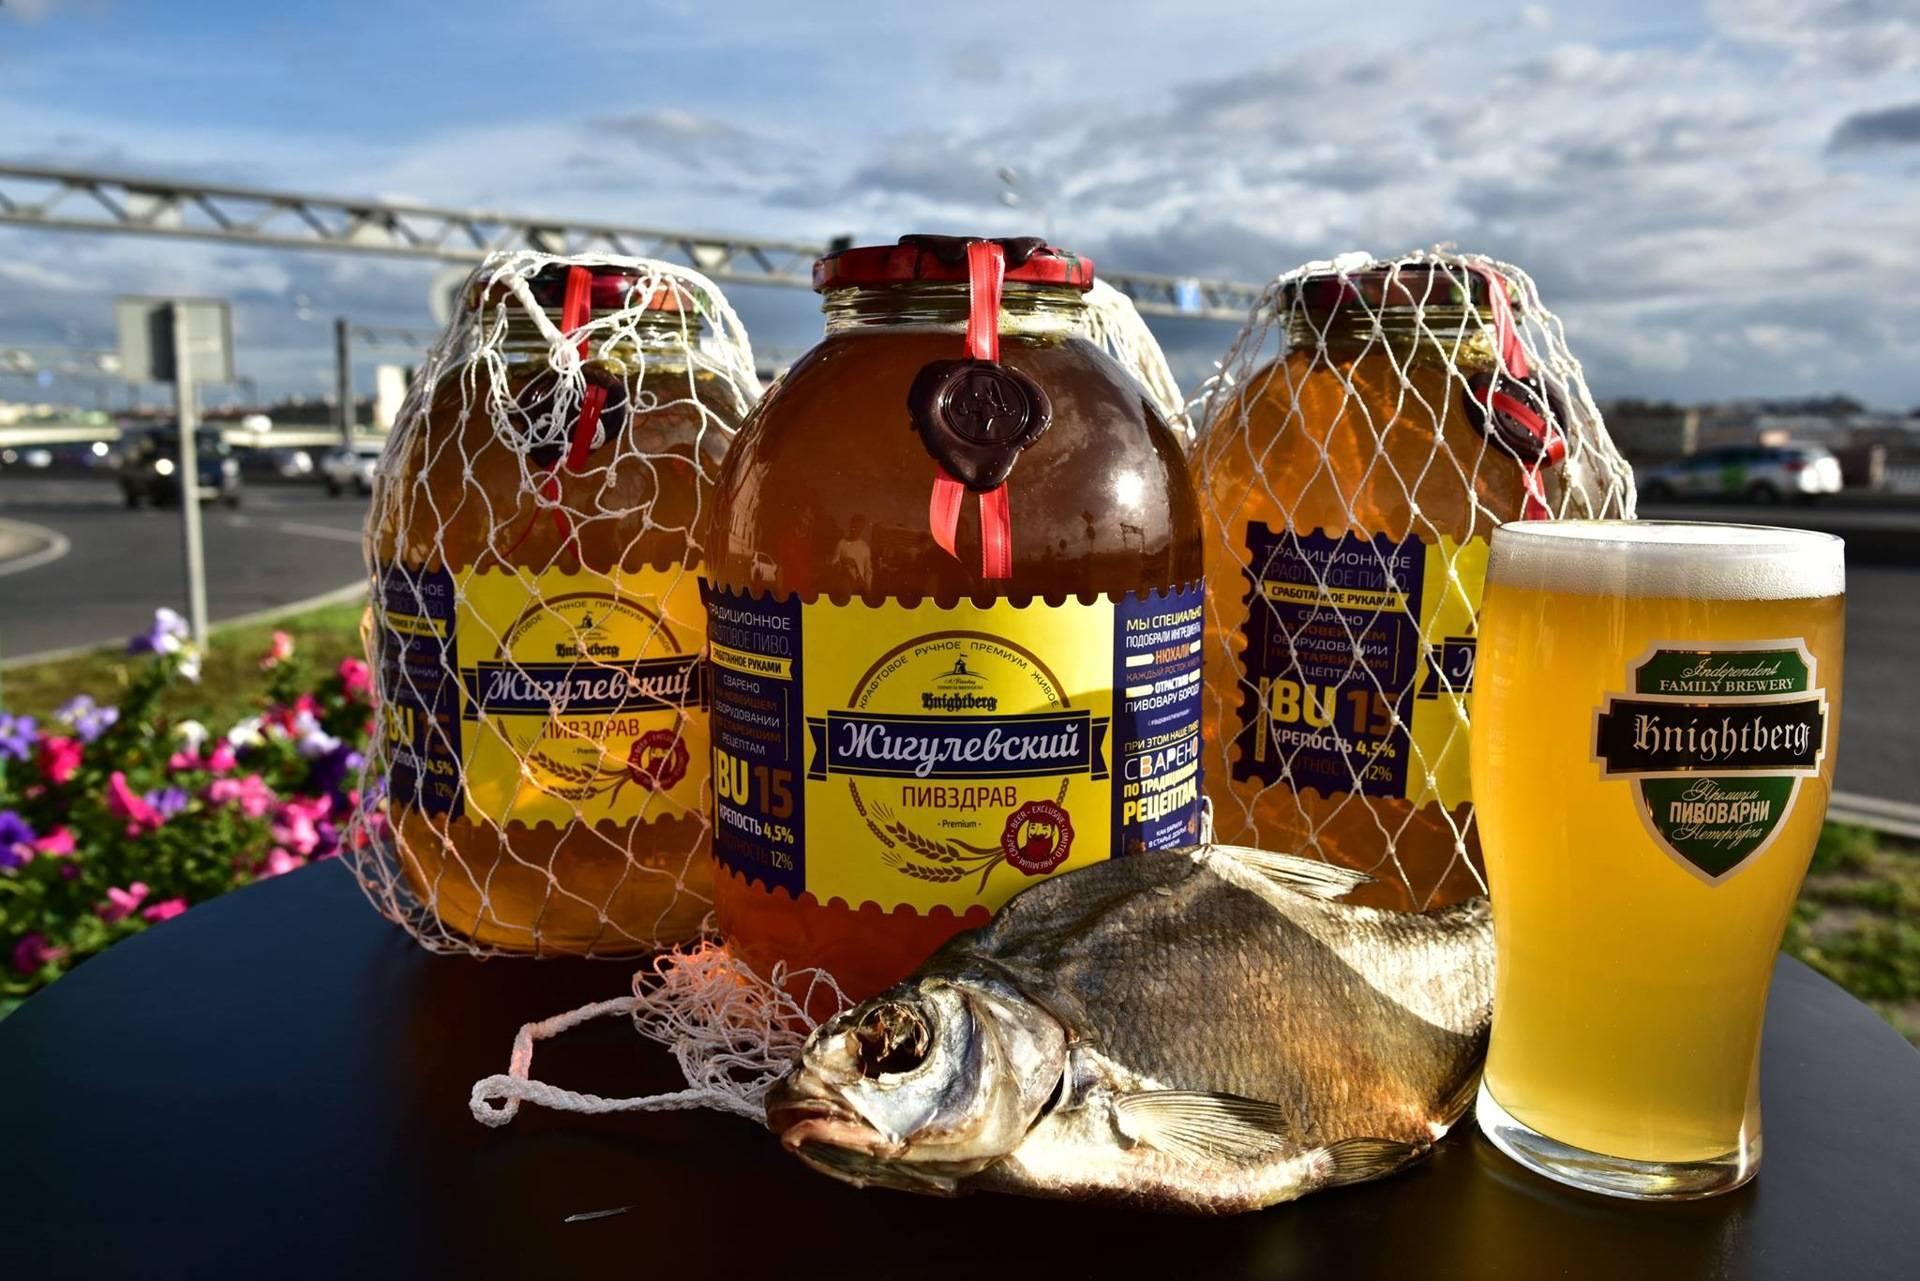 Самое вкусное пиво в мире и россии - топ-10 сортов - topkin